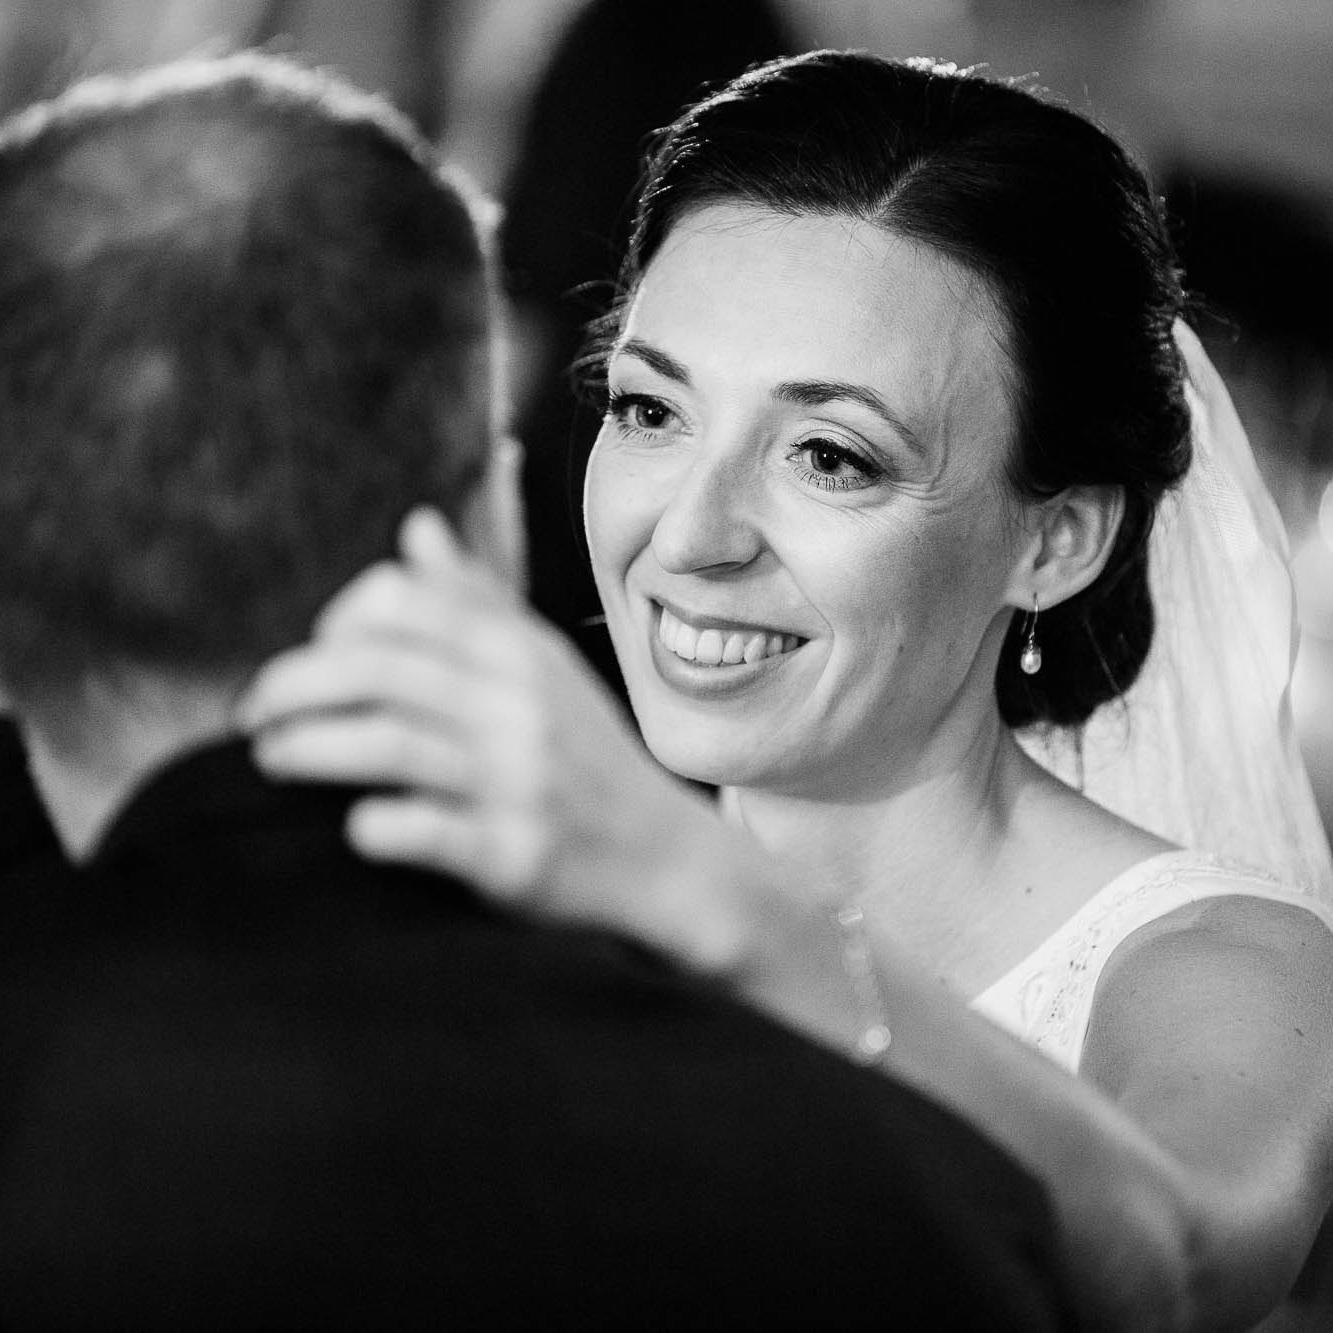 Naturlige billeder - Thellufsenfoto har fokus på at give jer naturlige billeder fra jeres bryllupsdag. Sammen skaber vi en afslappet stemning, hvor I kan være jer selv foran kameraet. Her er ingen stive smil og mærkelige poseringer. Sammen skaber vi ægte nærvær, hvor jeres kærlighed kan ses og føles! Det er de billeder man har lyst til at se om 10 år også!